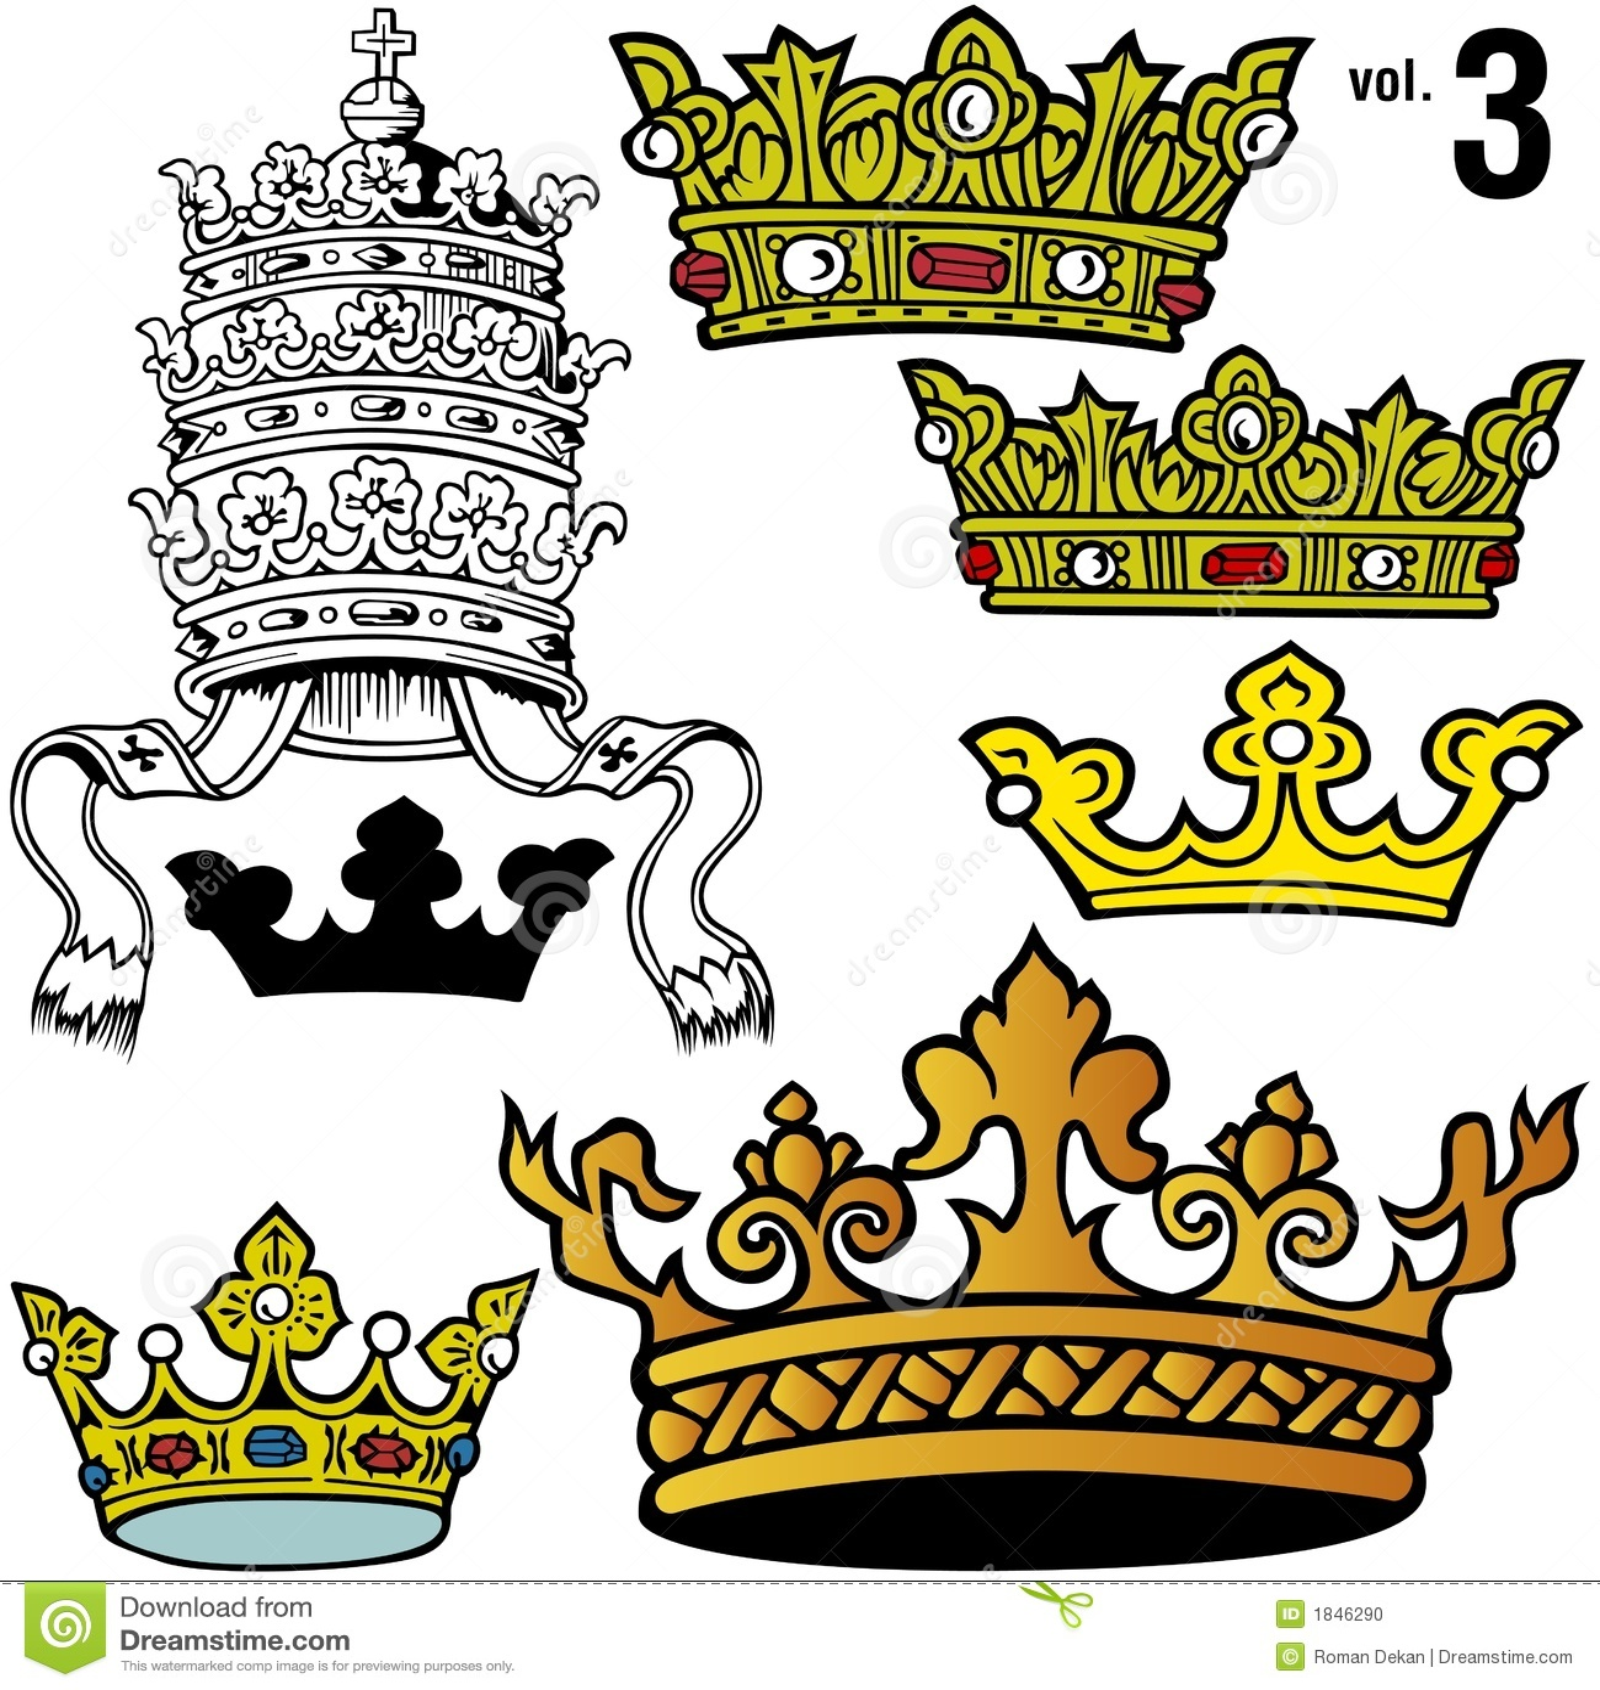 Coronas reales vol.3